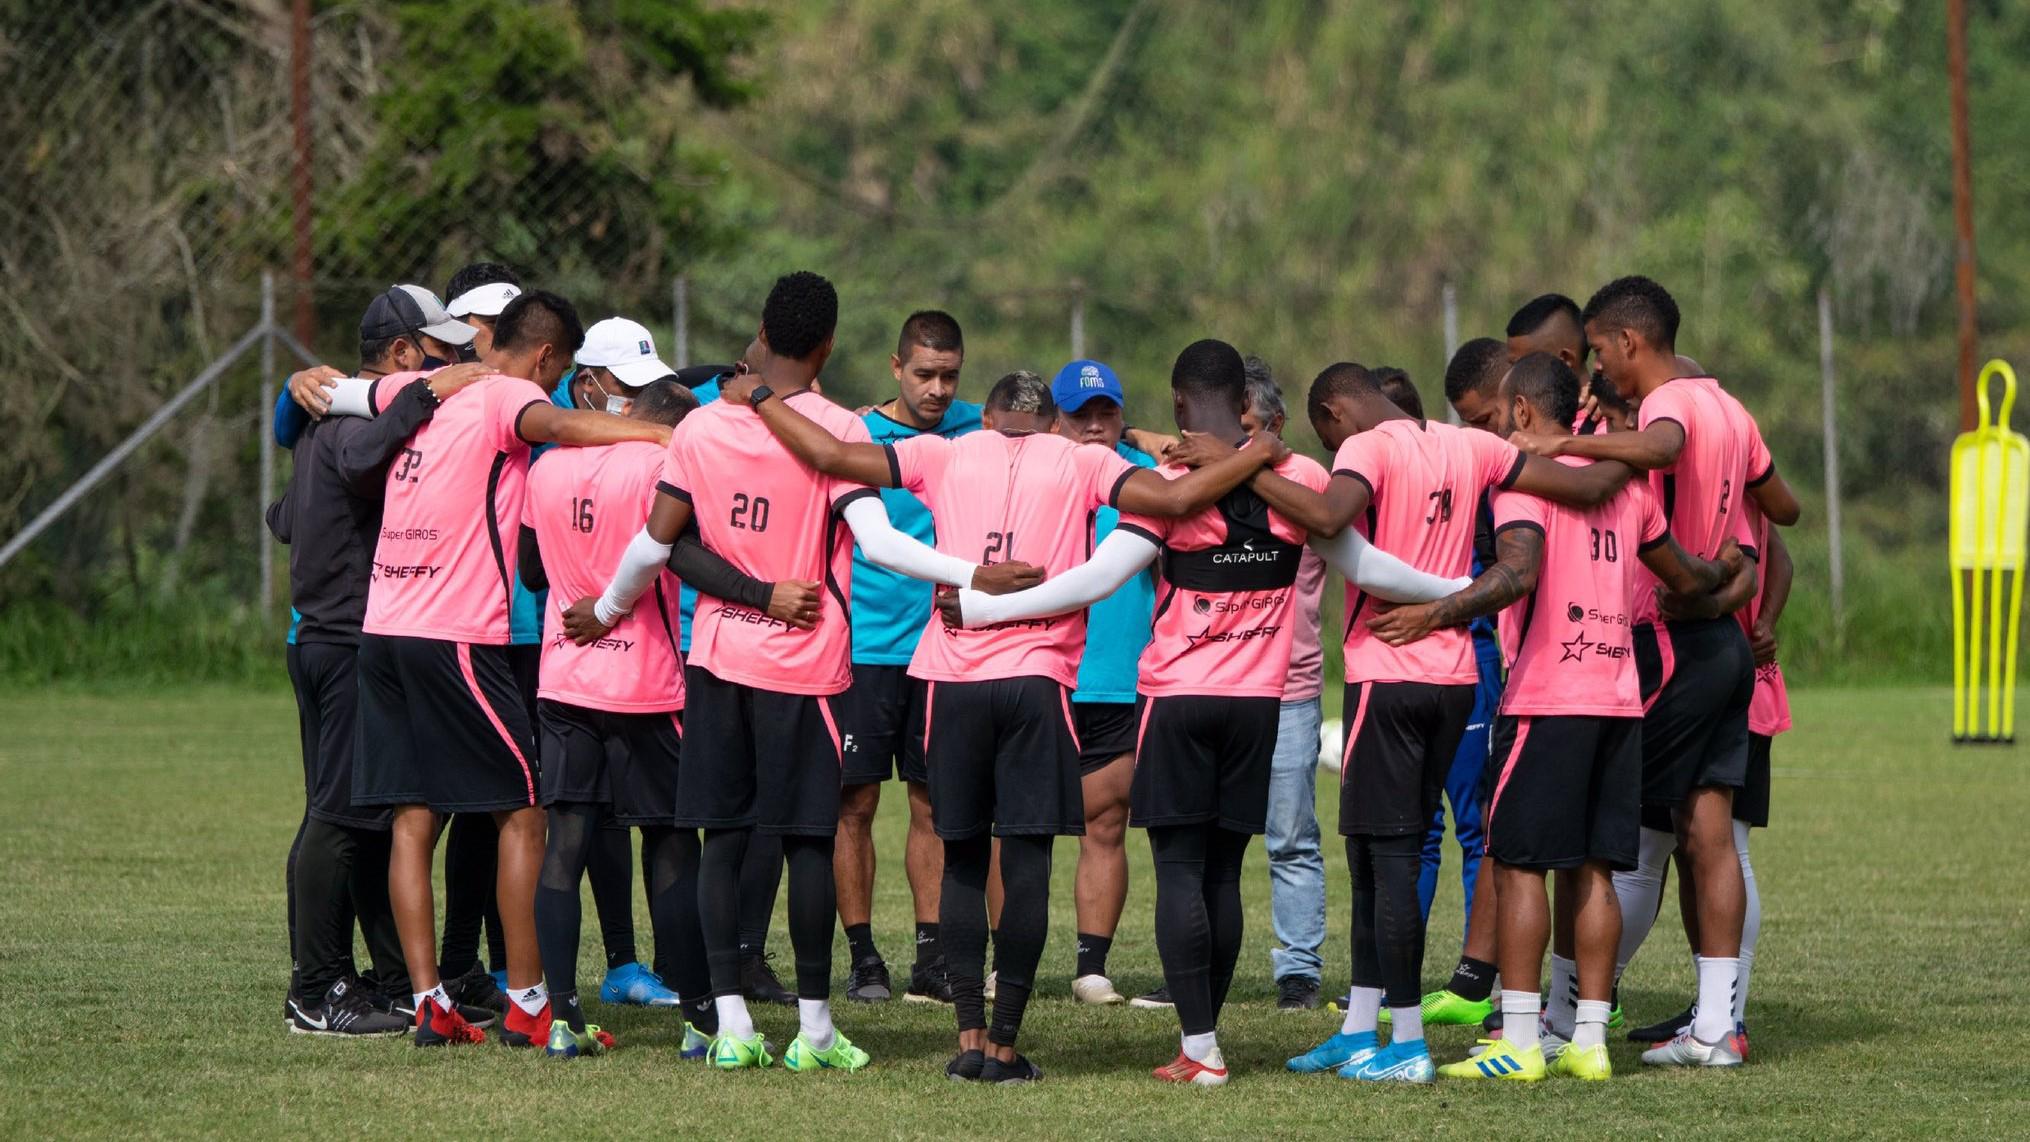 Jose-Fernando-Cuadrad-Once-Caldas-1-2-Rionegro-Casa-Blanca-OC